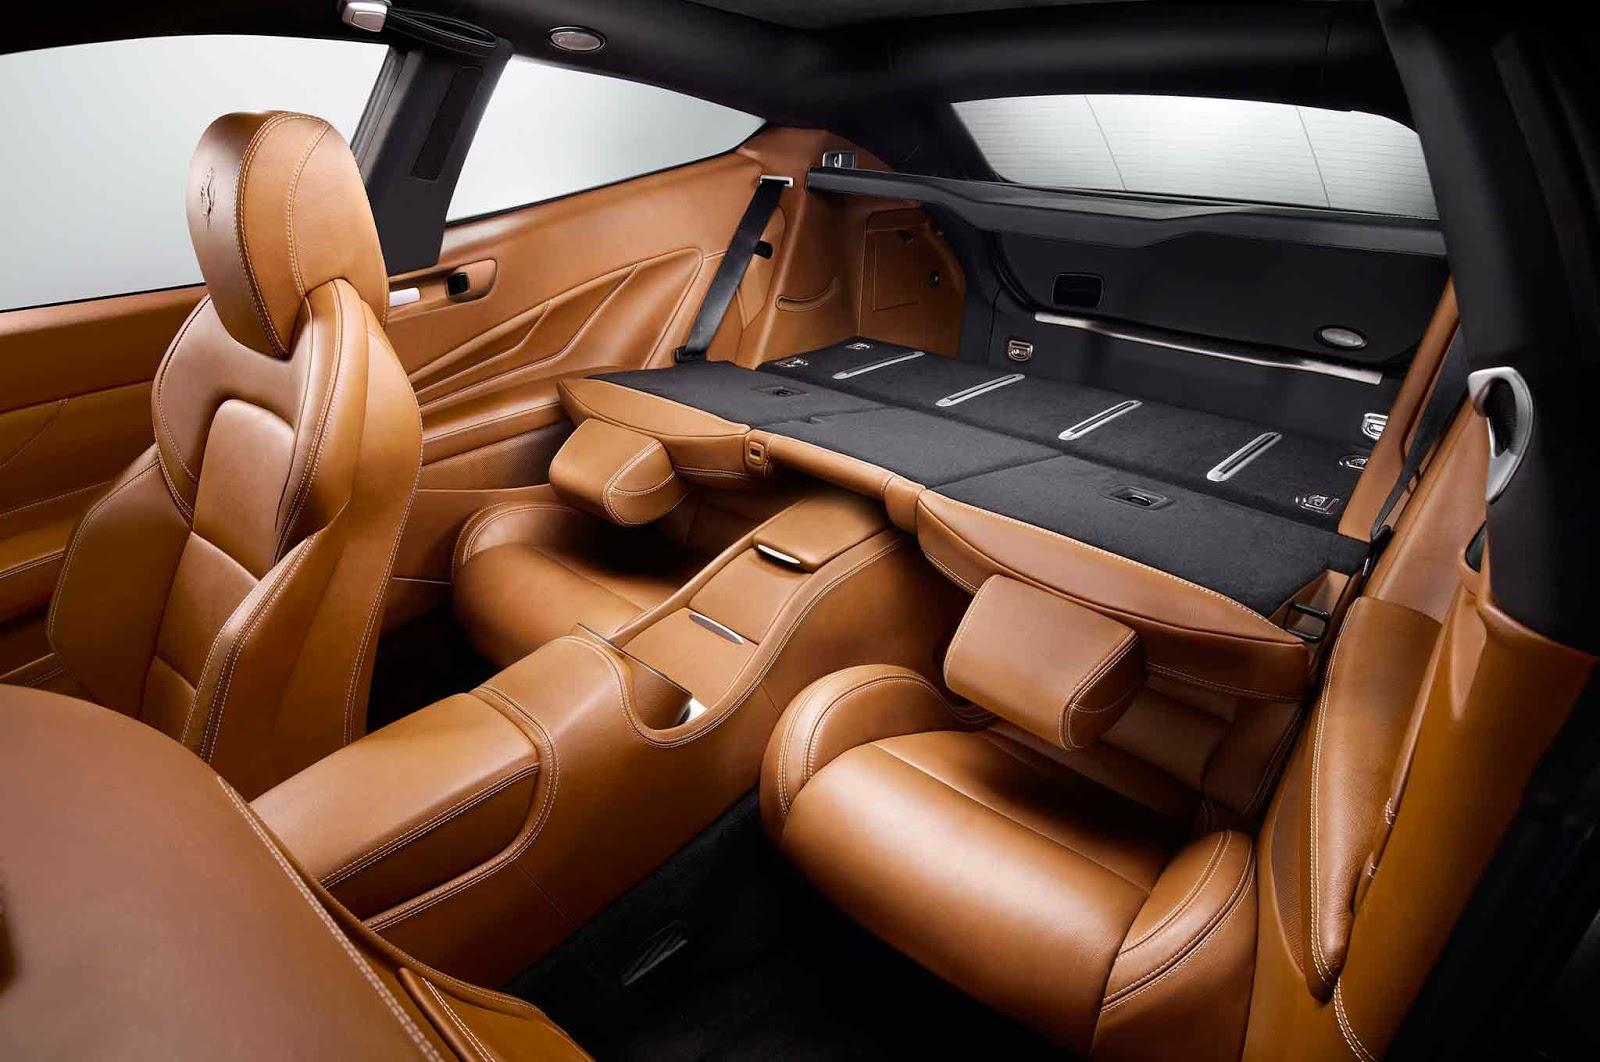 Ferrari Suv Ferrari Suv Interior